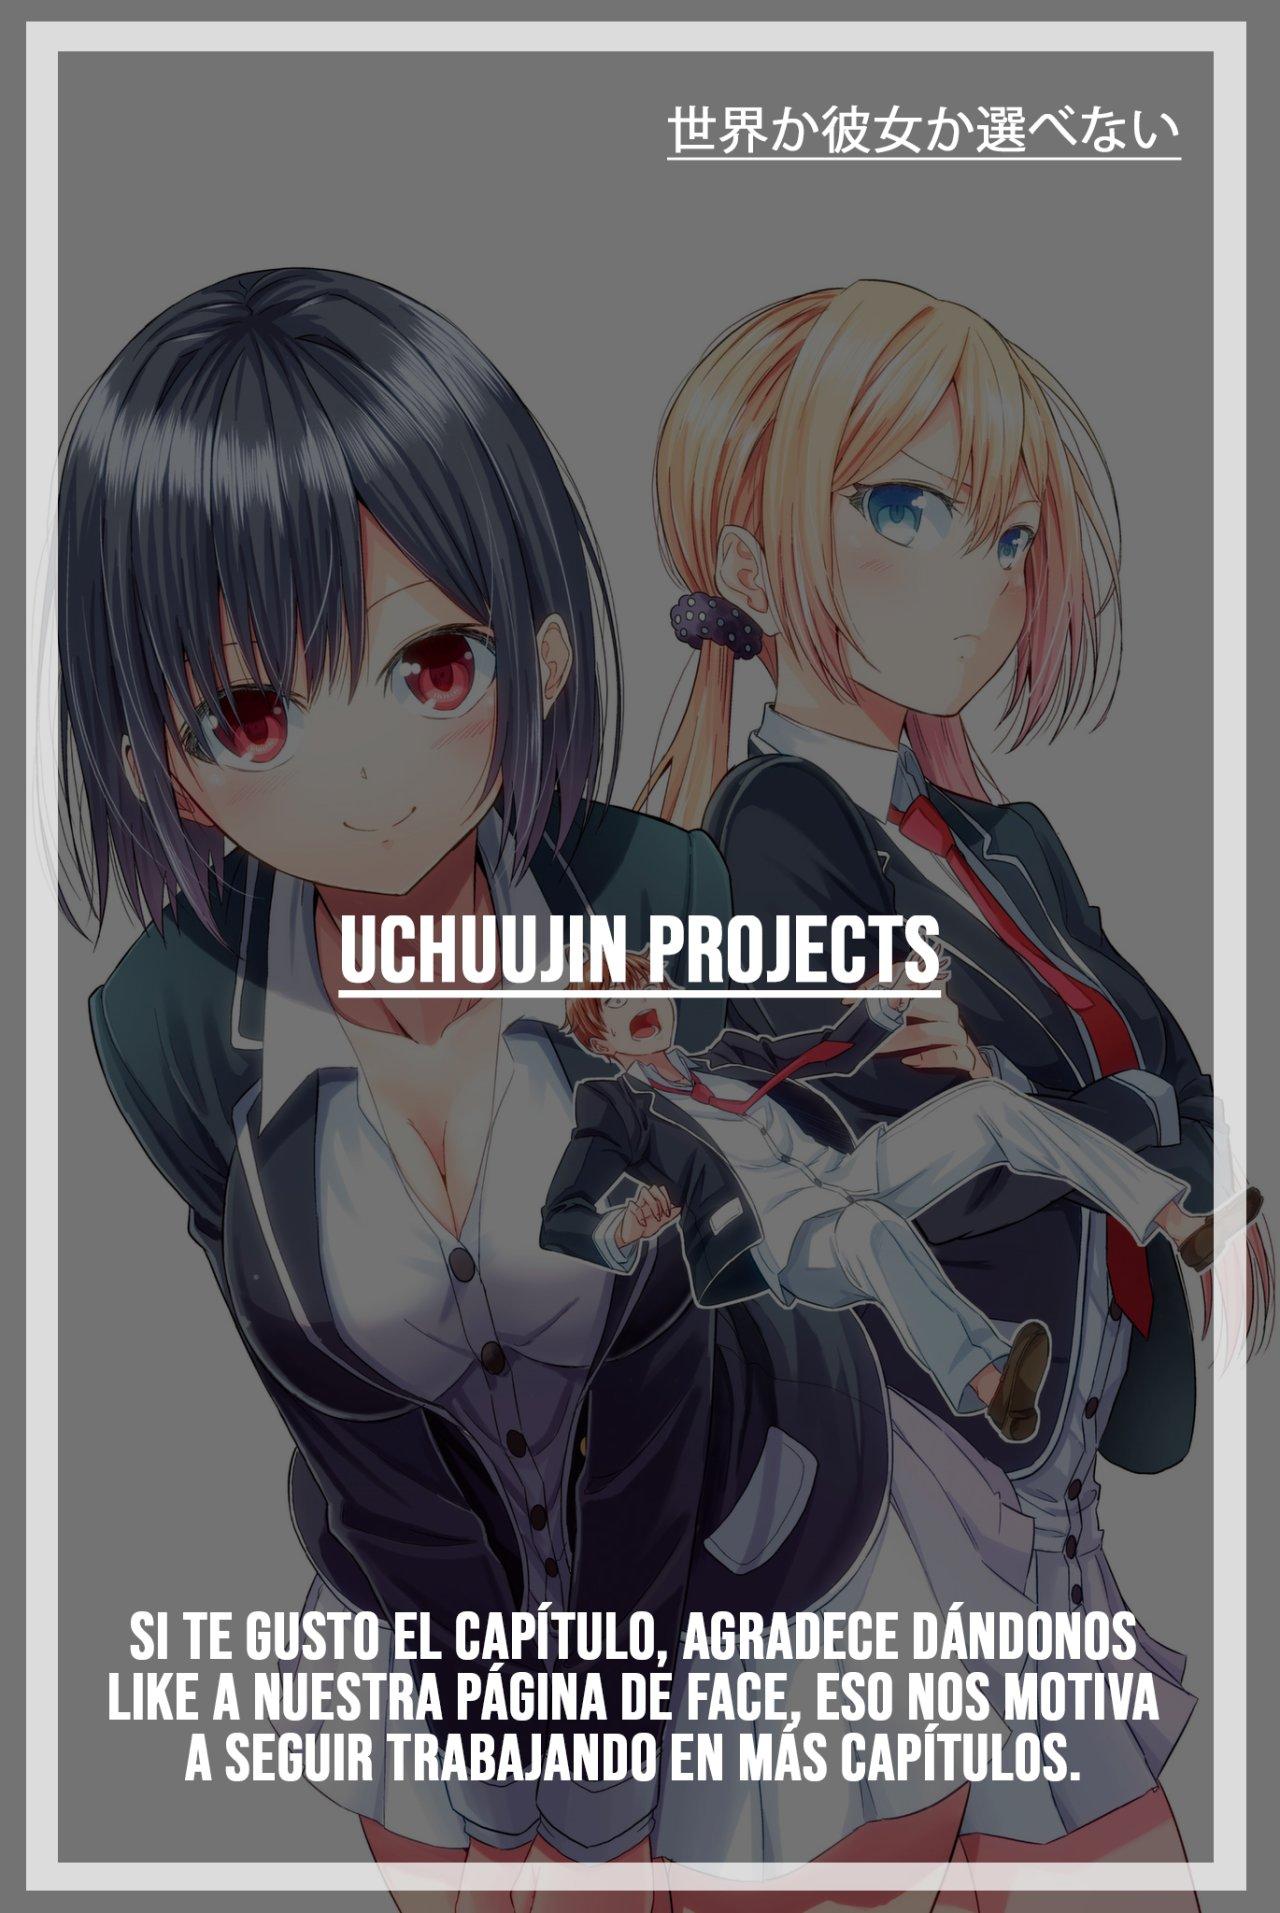 https://nine.mangadogs.com/es_manga/pic9/50/25202/964990/690f08e992705cf61f1bdfe9b5790416.jpg Page 22